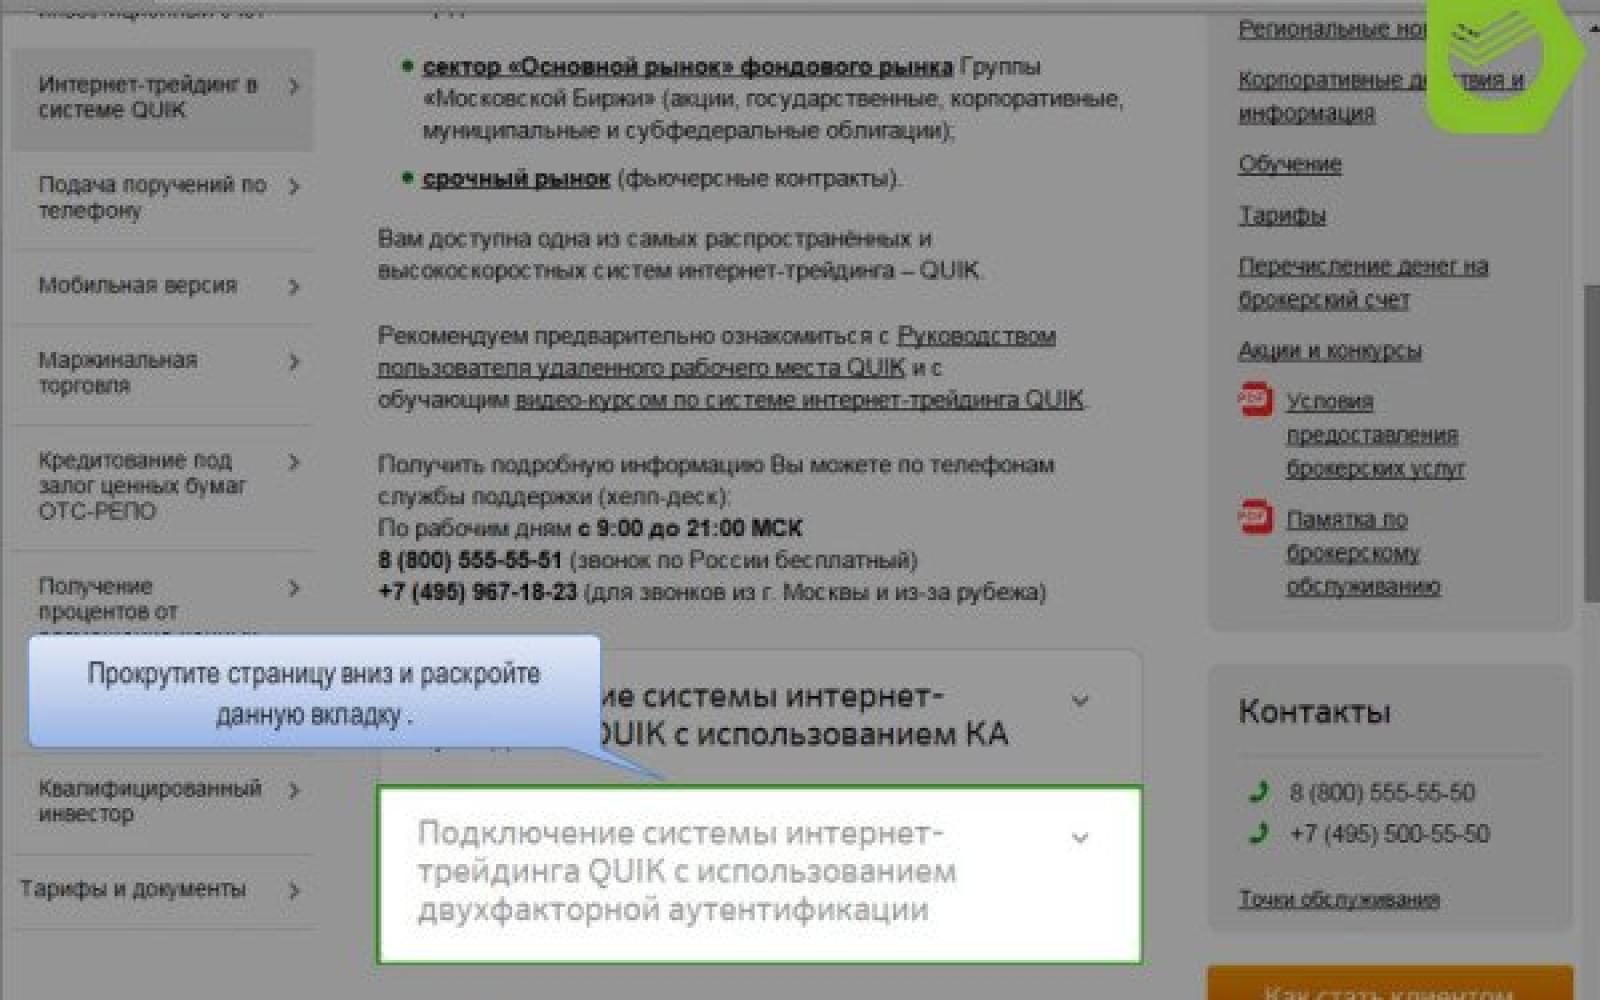 Купить акции Газпрома физическому лицу в Сбербанке 7